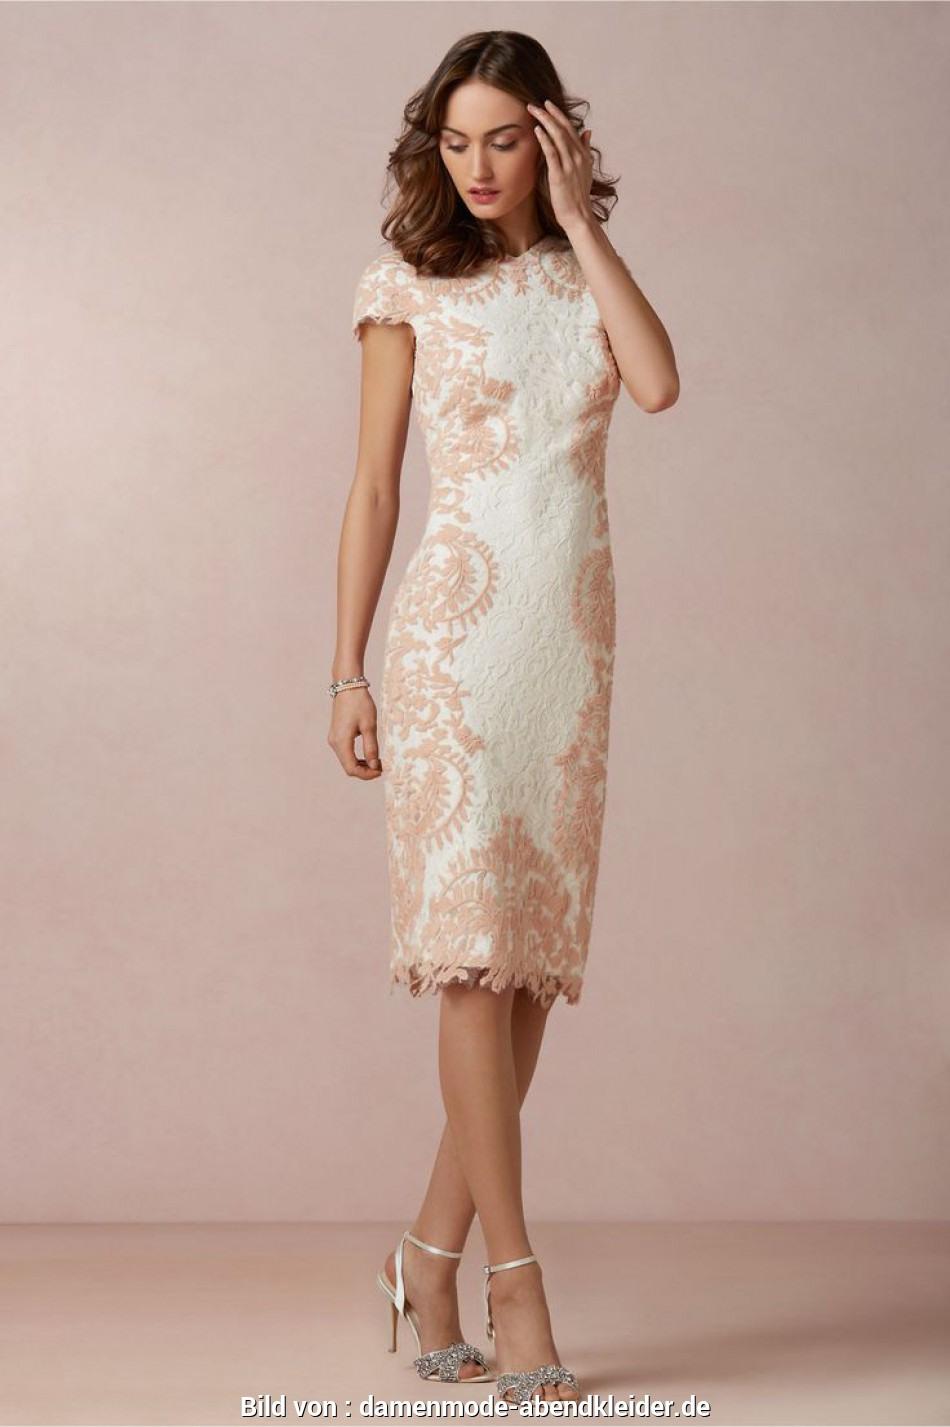 Fabelhaft Abendkleider Für Eine Hochzeit - Munidwyn